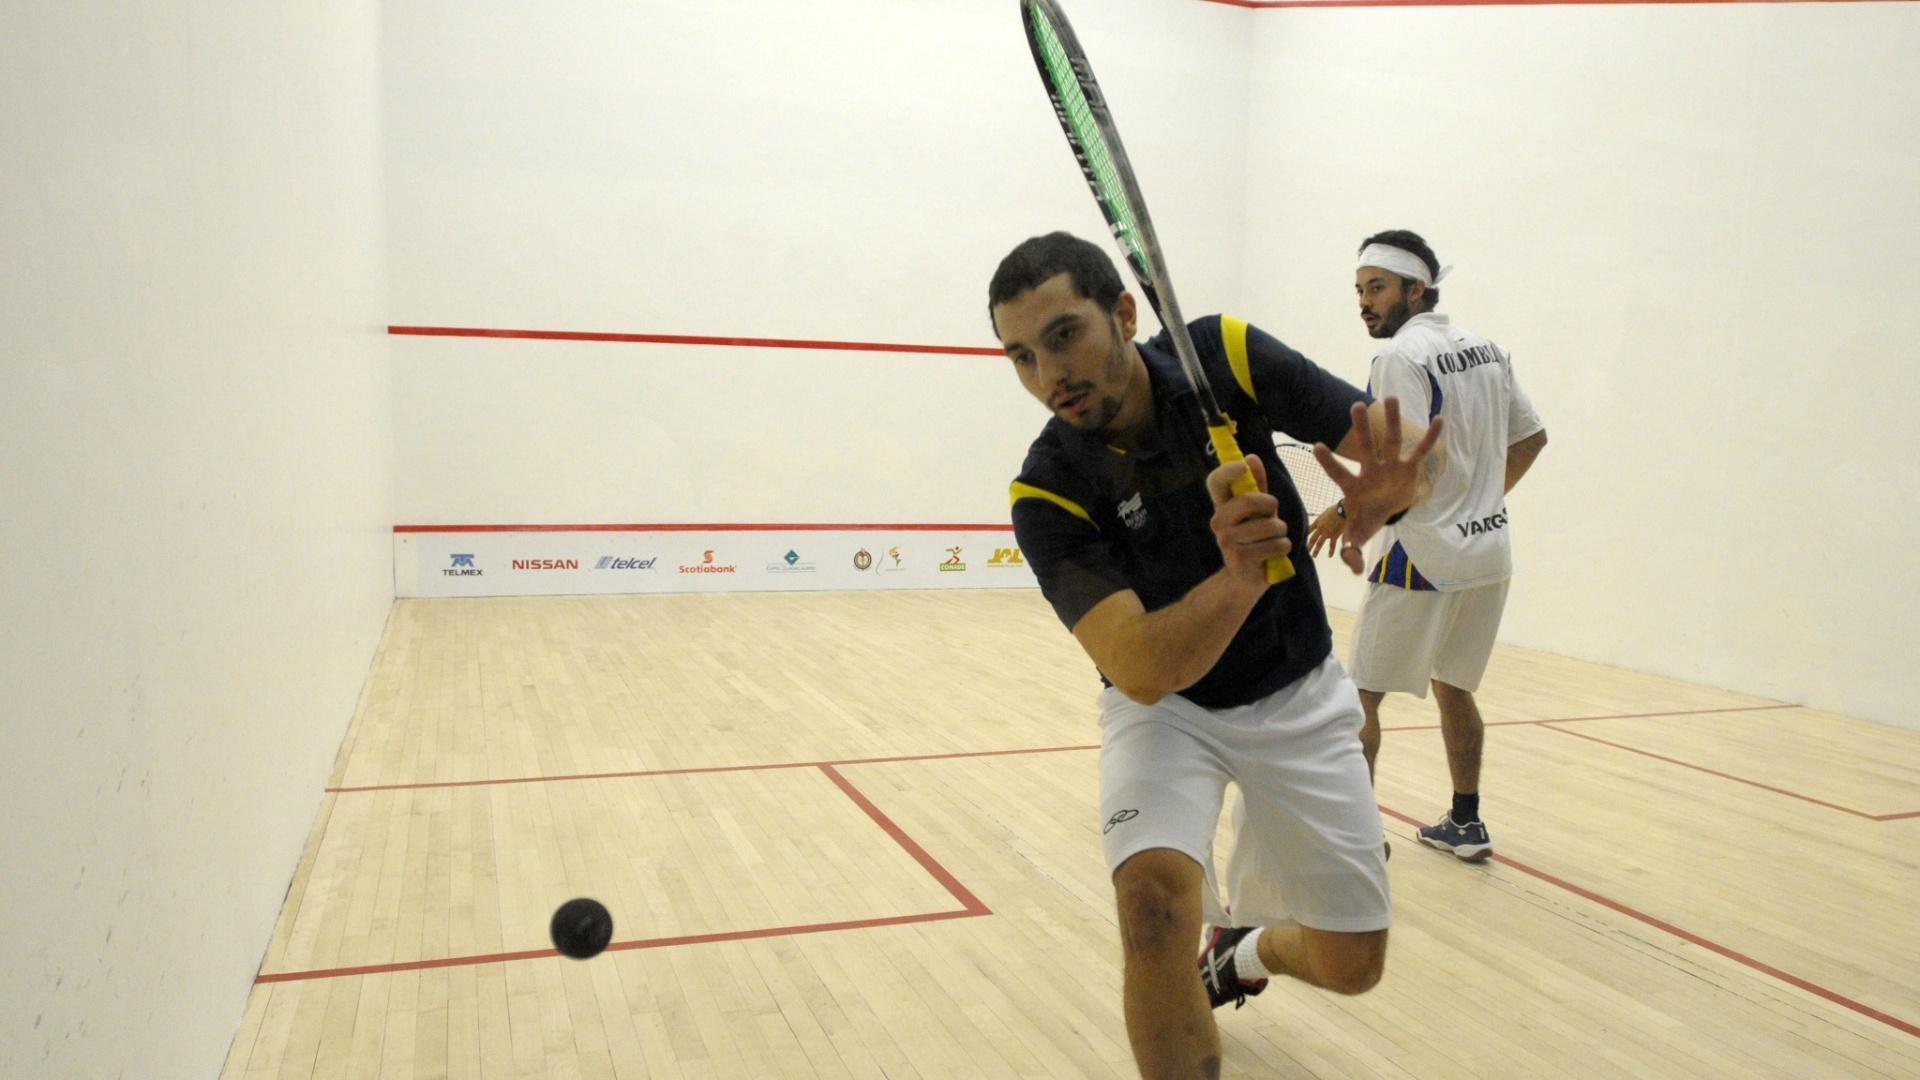 O Brasil, de Vinícius Rodrigues, bateu a Colômbia nas quartas da disputa por equipes do squash e garantiu no mínimo o bronze em Guadalajara (20/10/2011)